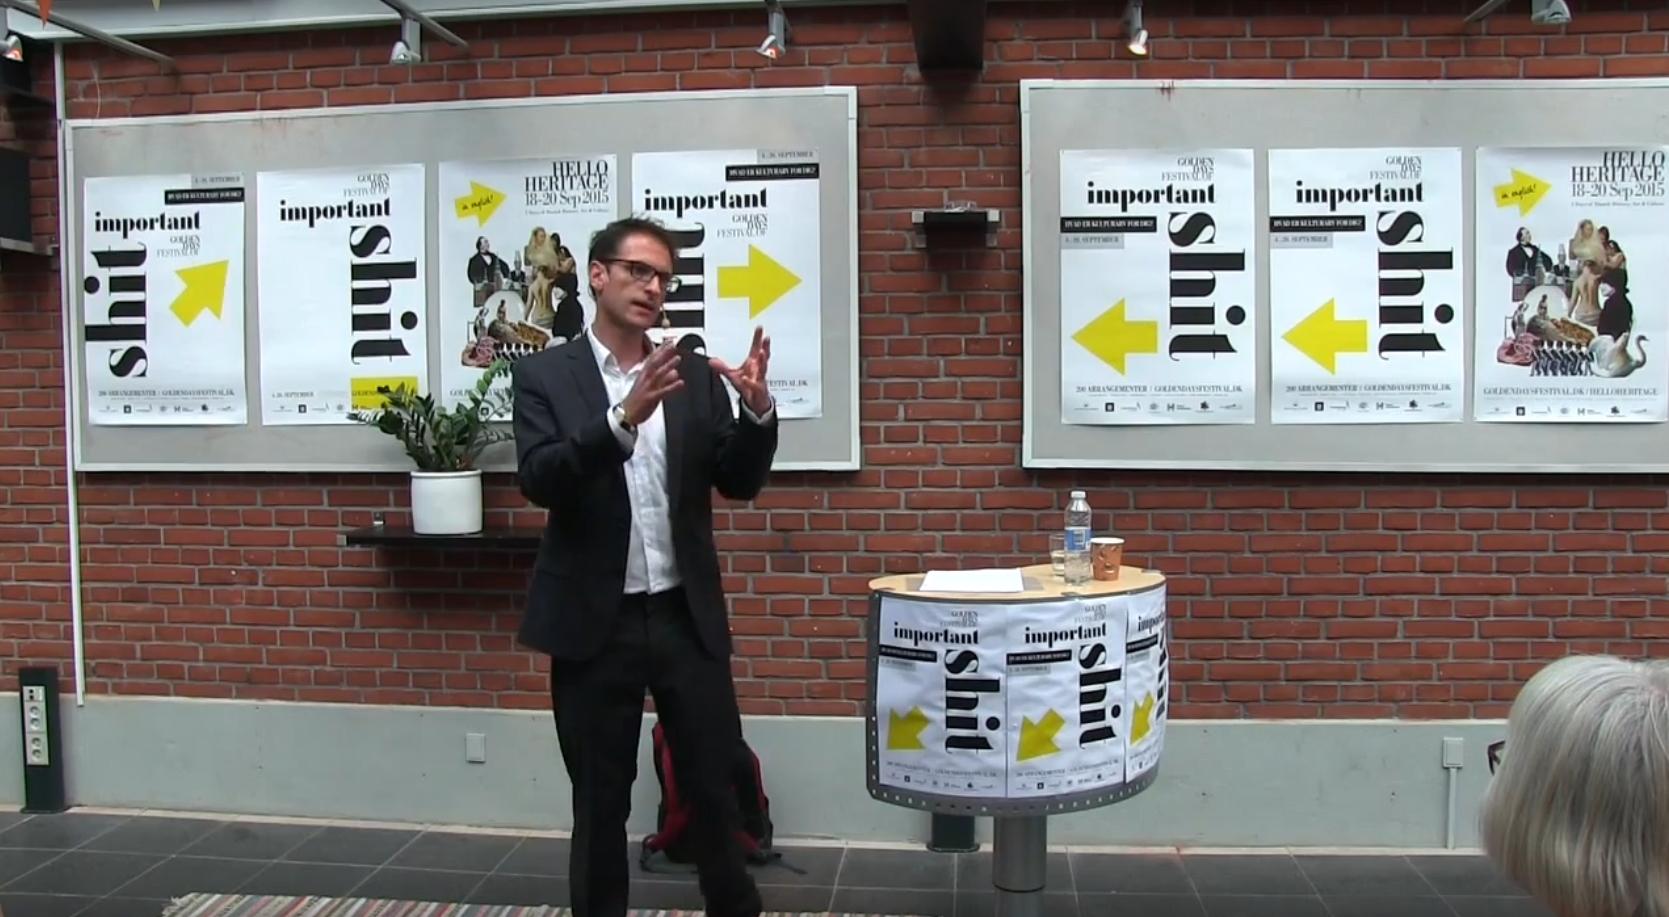 Claus Elholm Andersen ved et foredrag. Foto: sceenshot, YouTube.